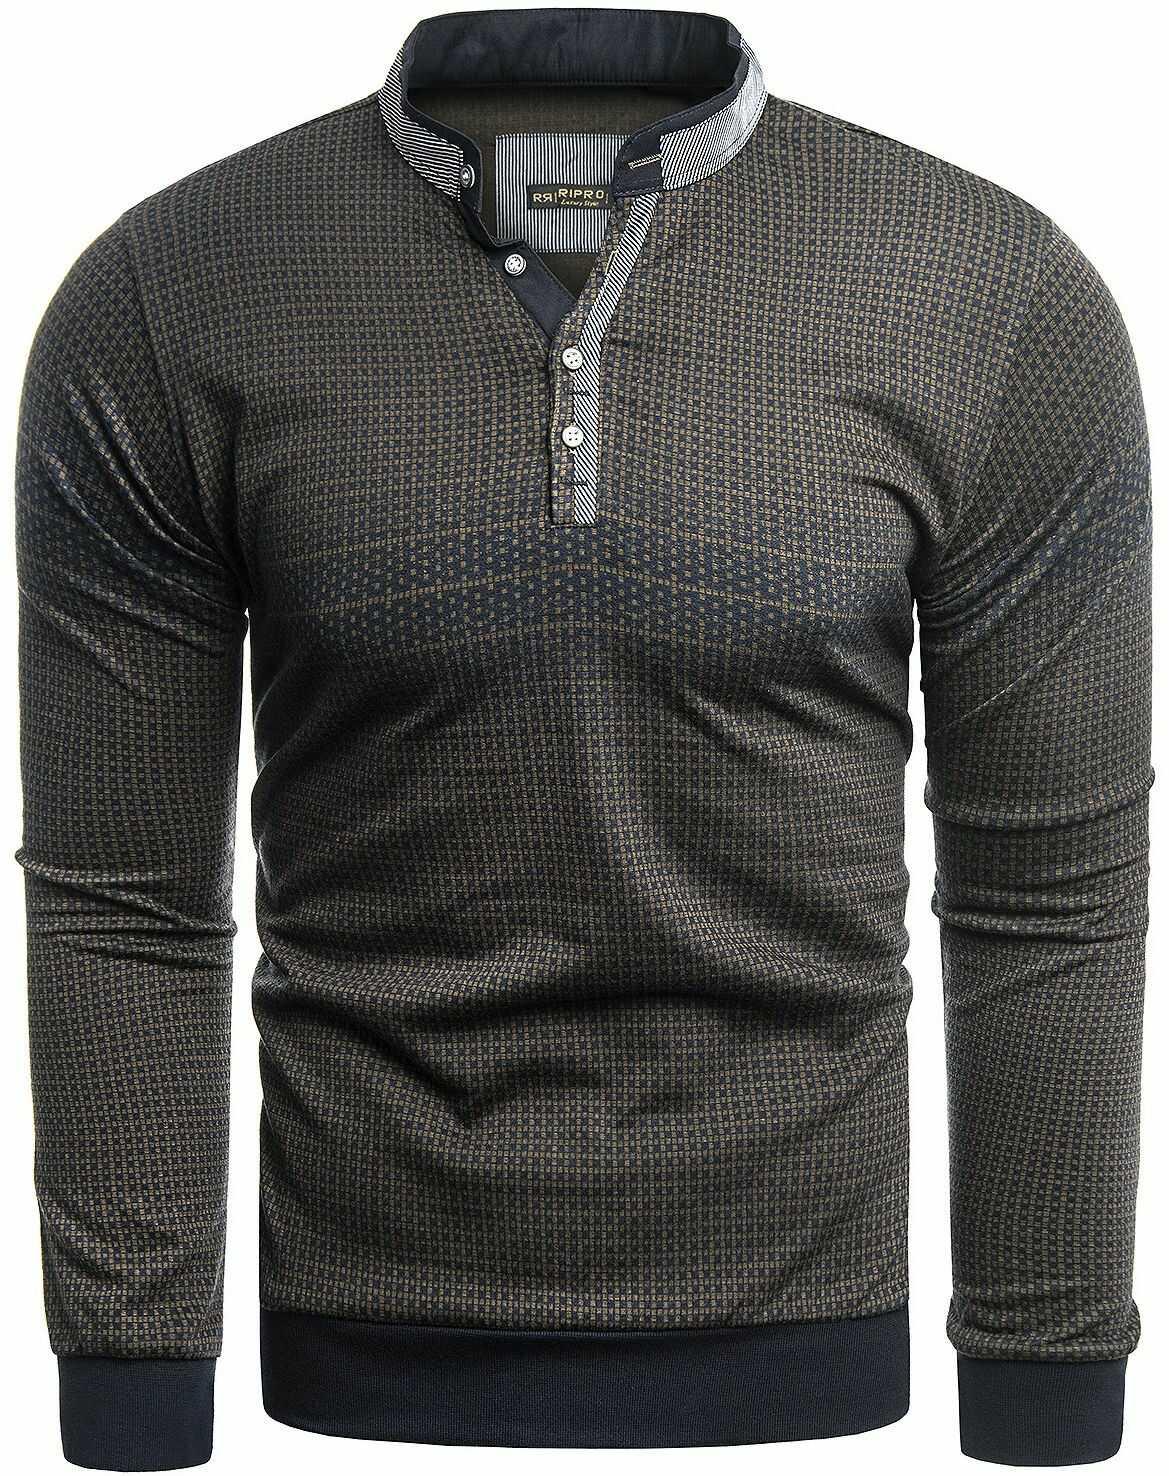 Sweter męski 8055 - czarny/camel